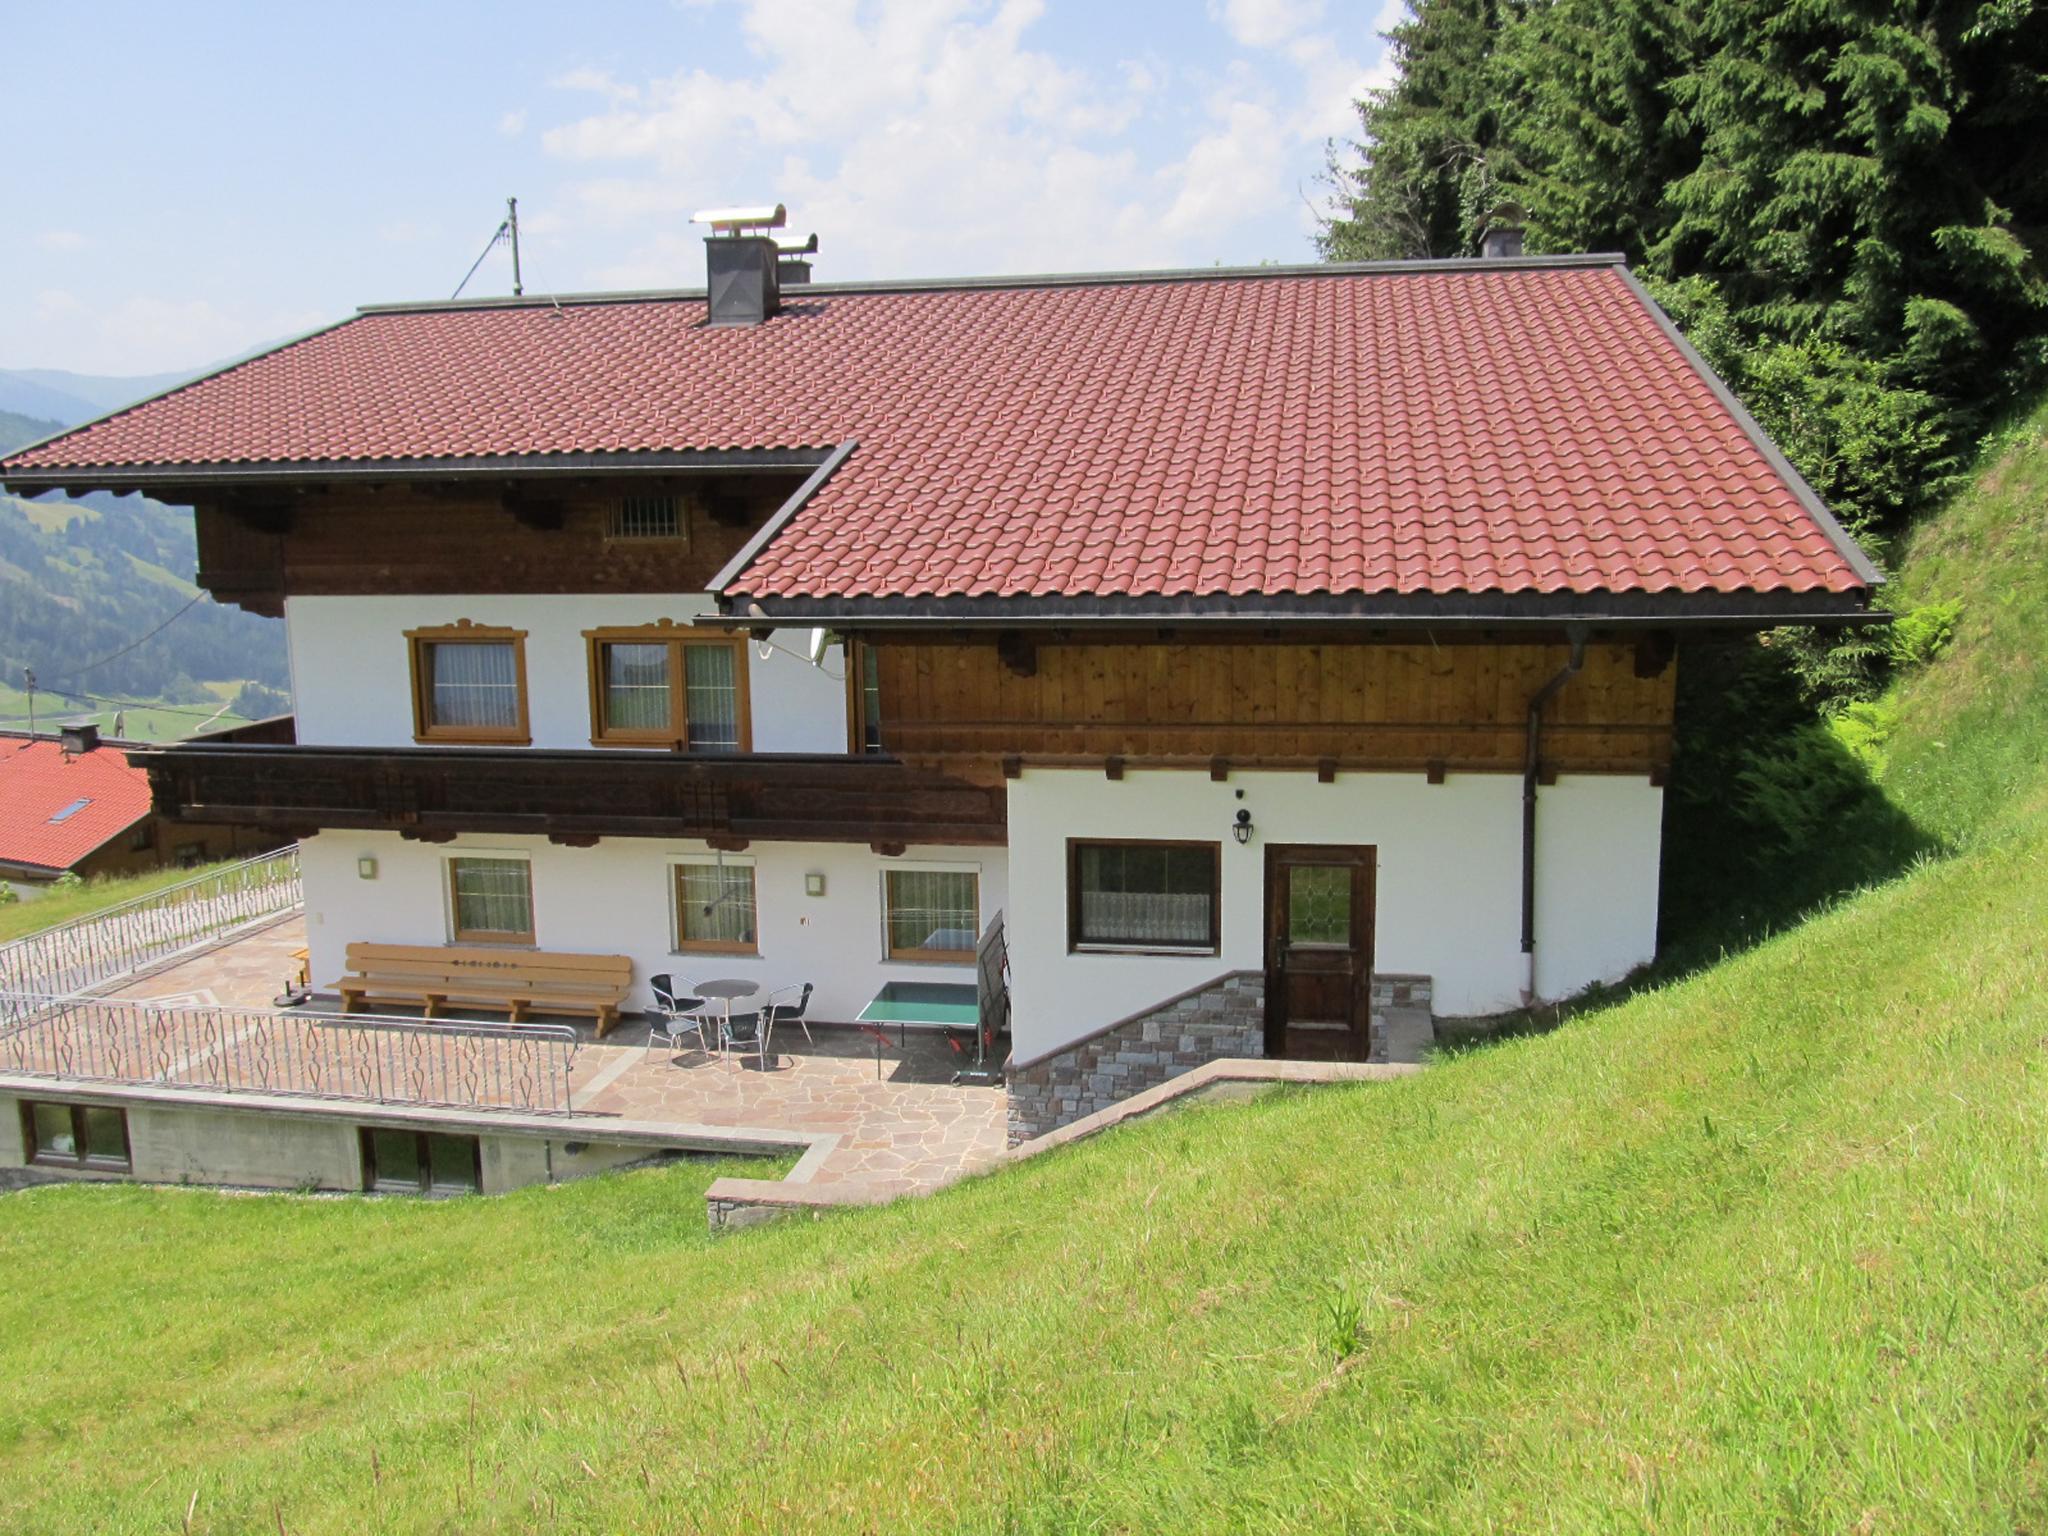 Almhof Tirol